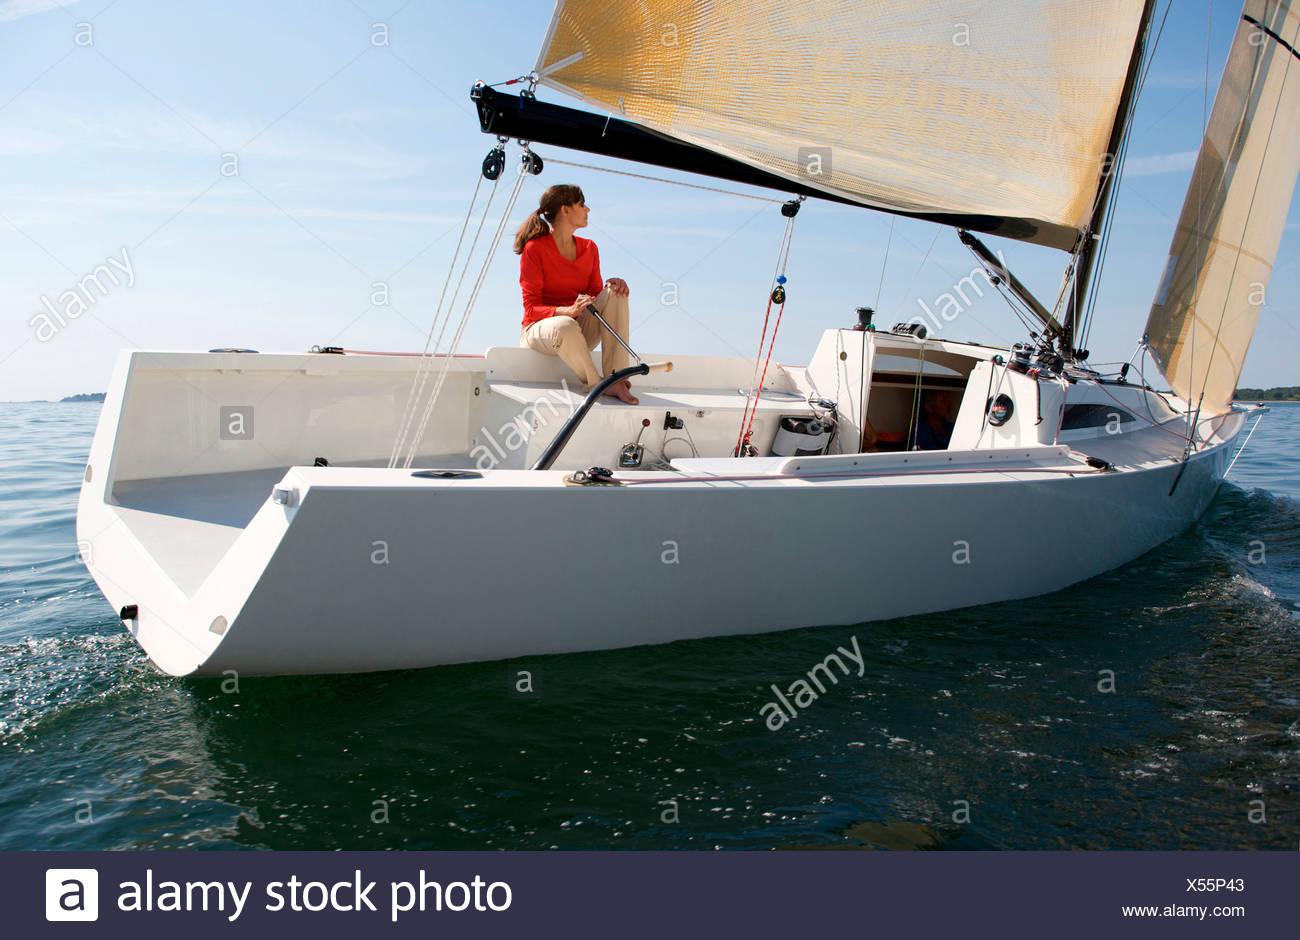 Une femme bénéficiant d'une journée ensoleillée à bord d'un daysailer sur Casco Bay, Maine. Photo Stock